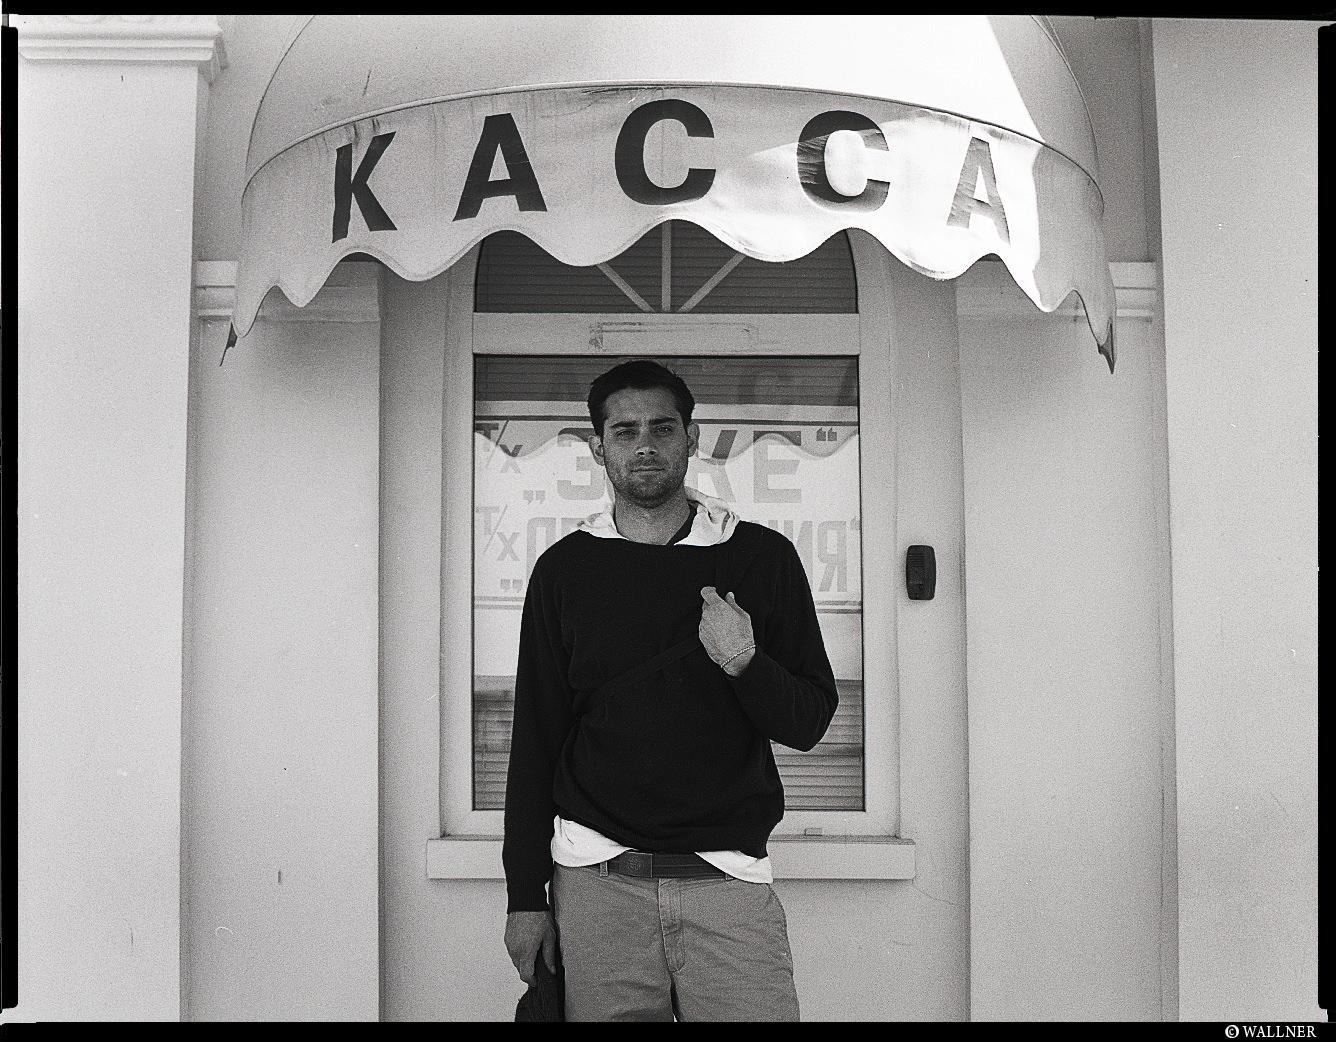 MediumFormatPatrikWallner_Sochi_KaccaLOWQ